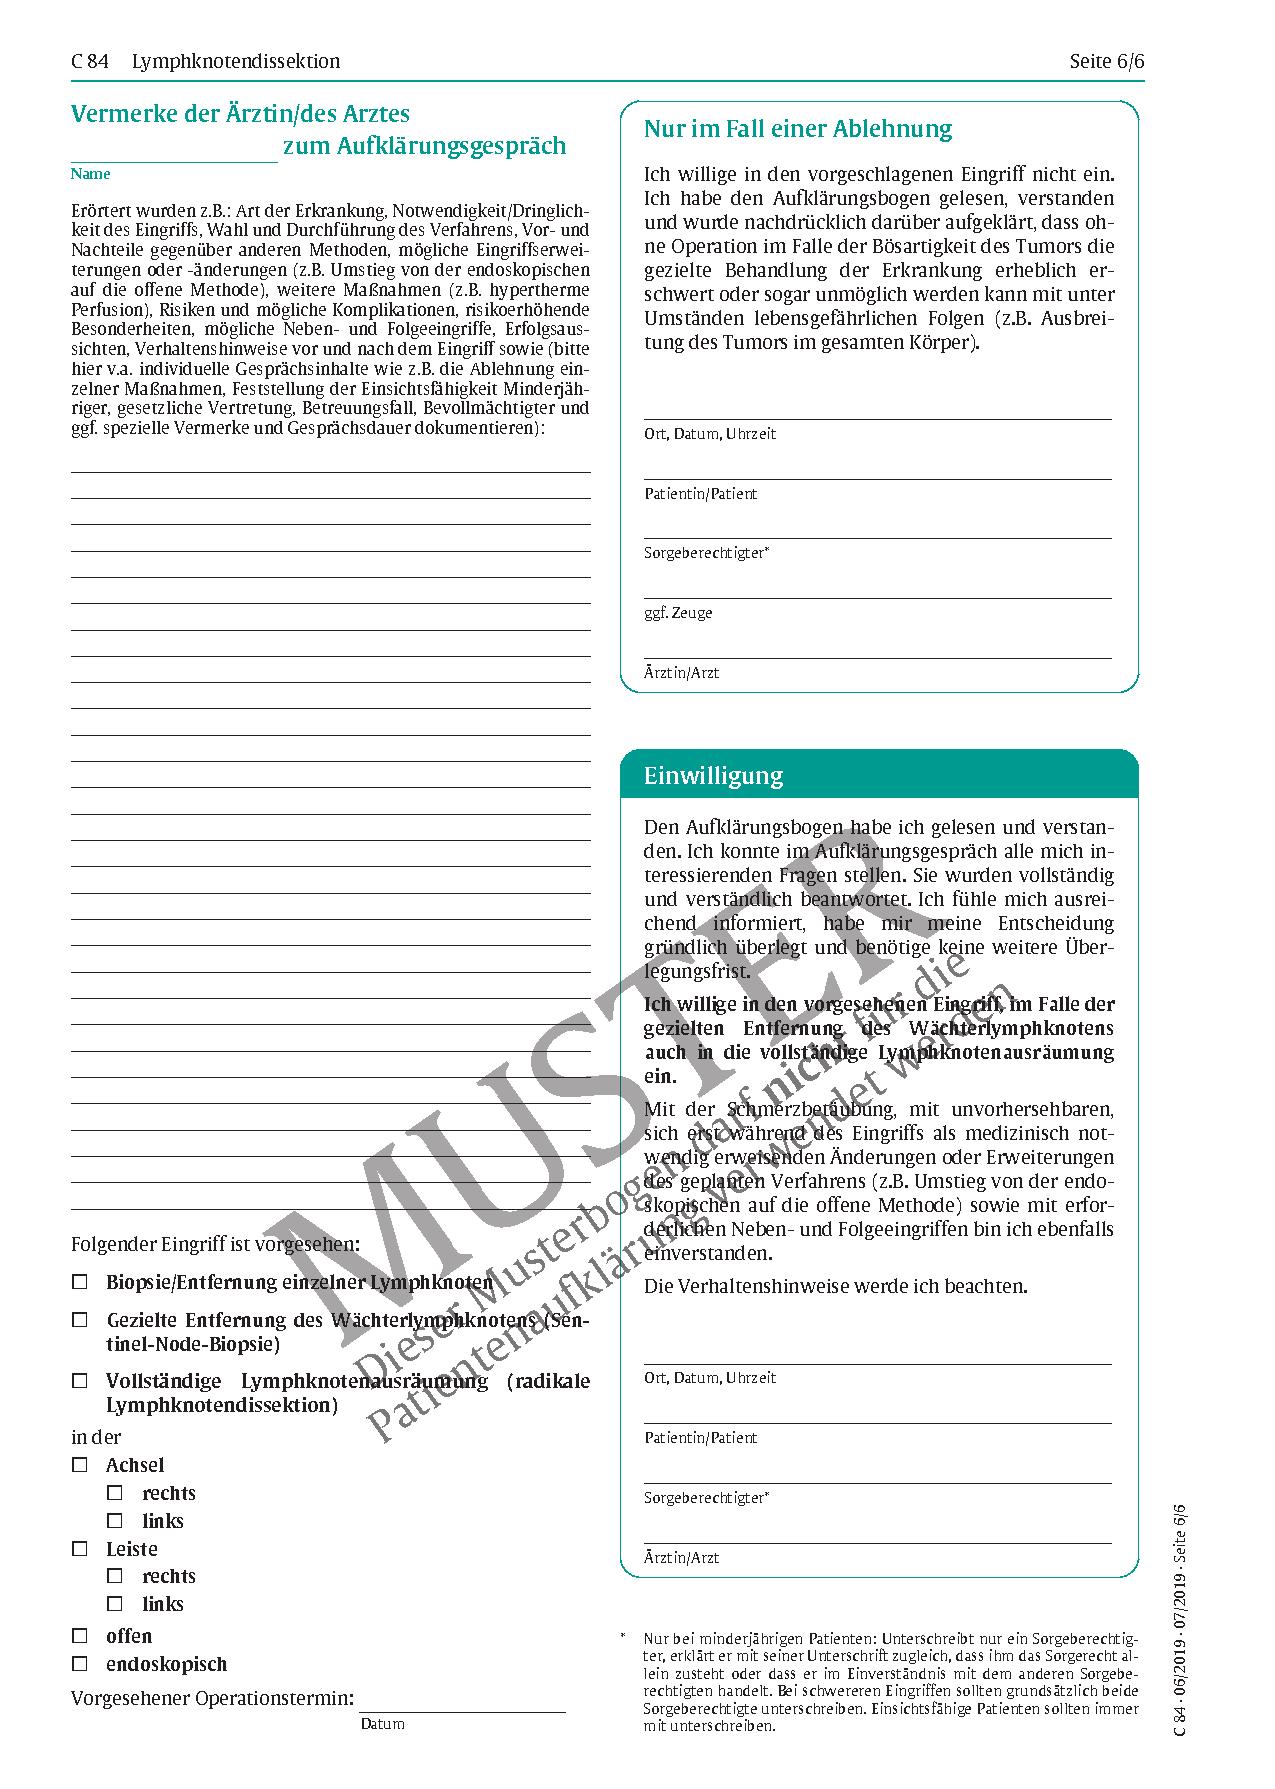 Niedlich Lymphknoten In Achsel Fotos - Anatomie Ideen - finotti.info